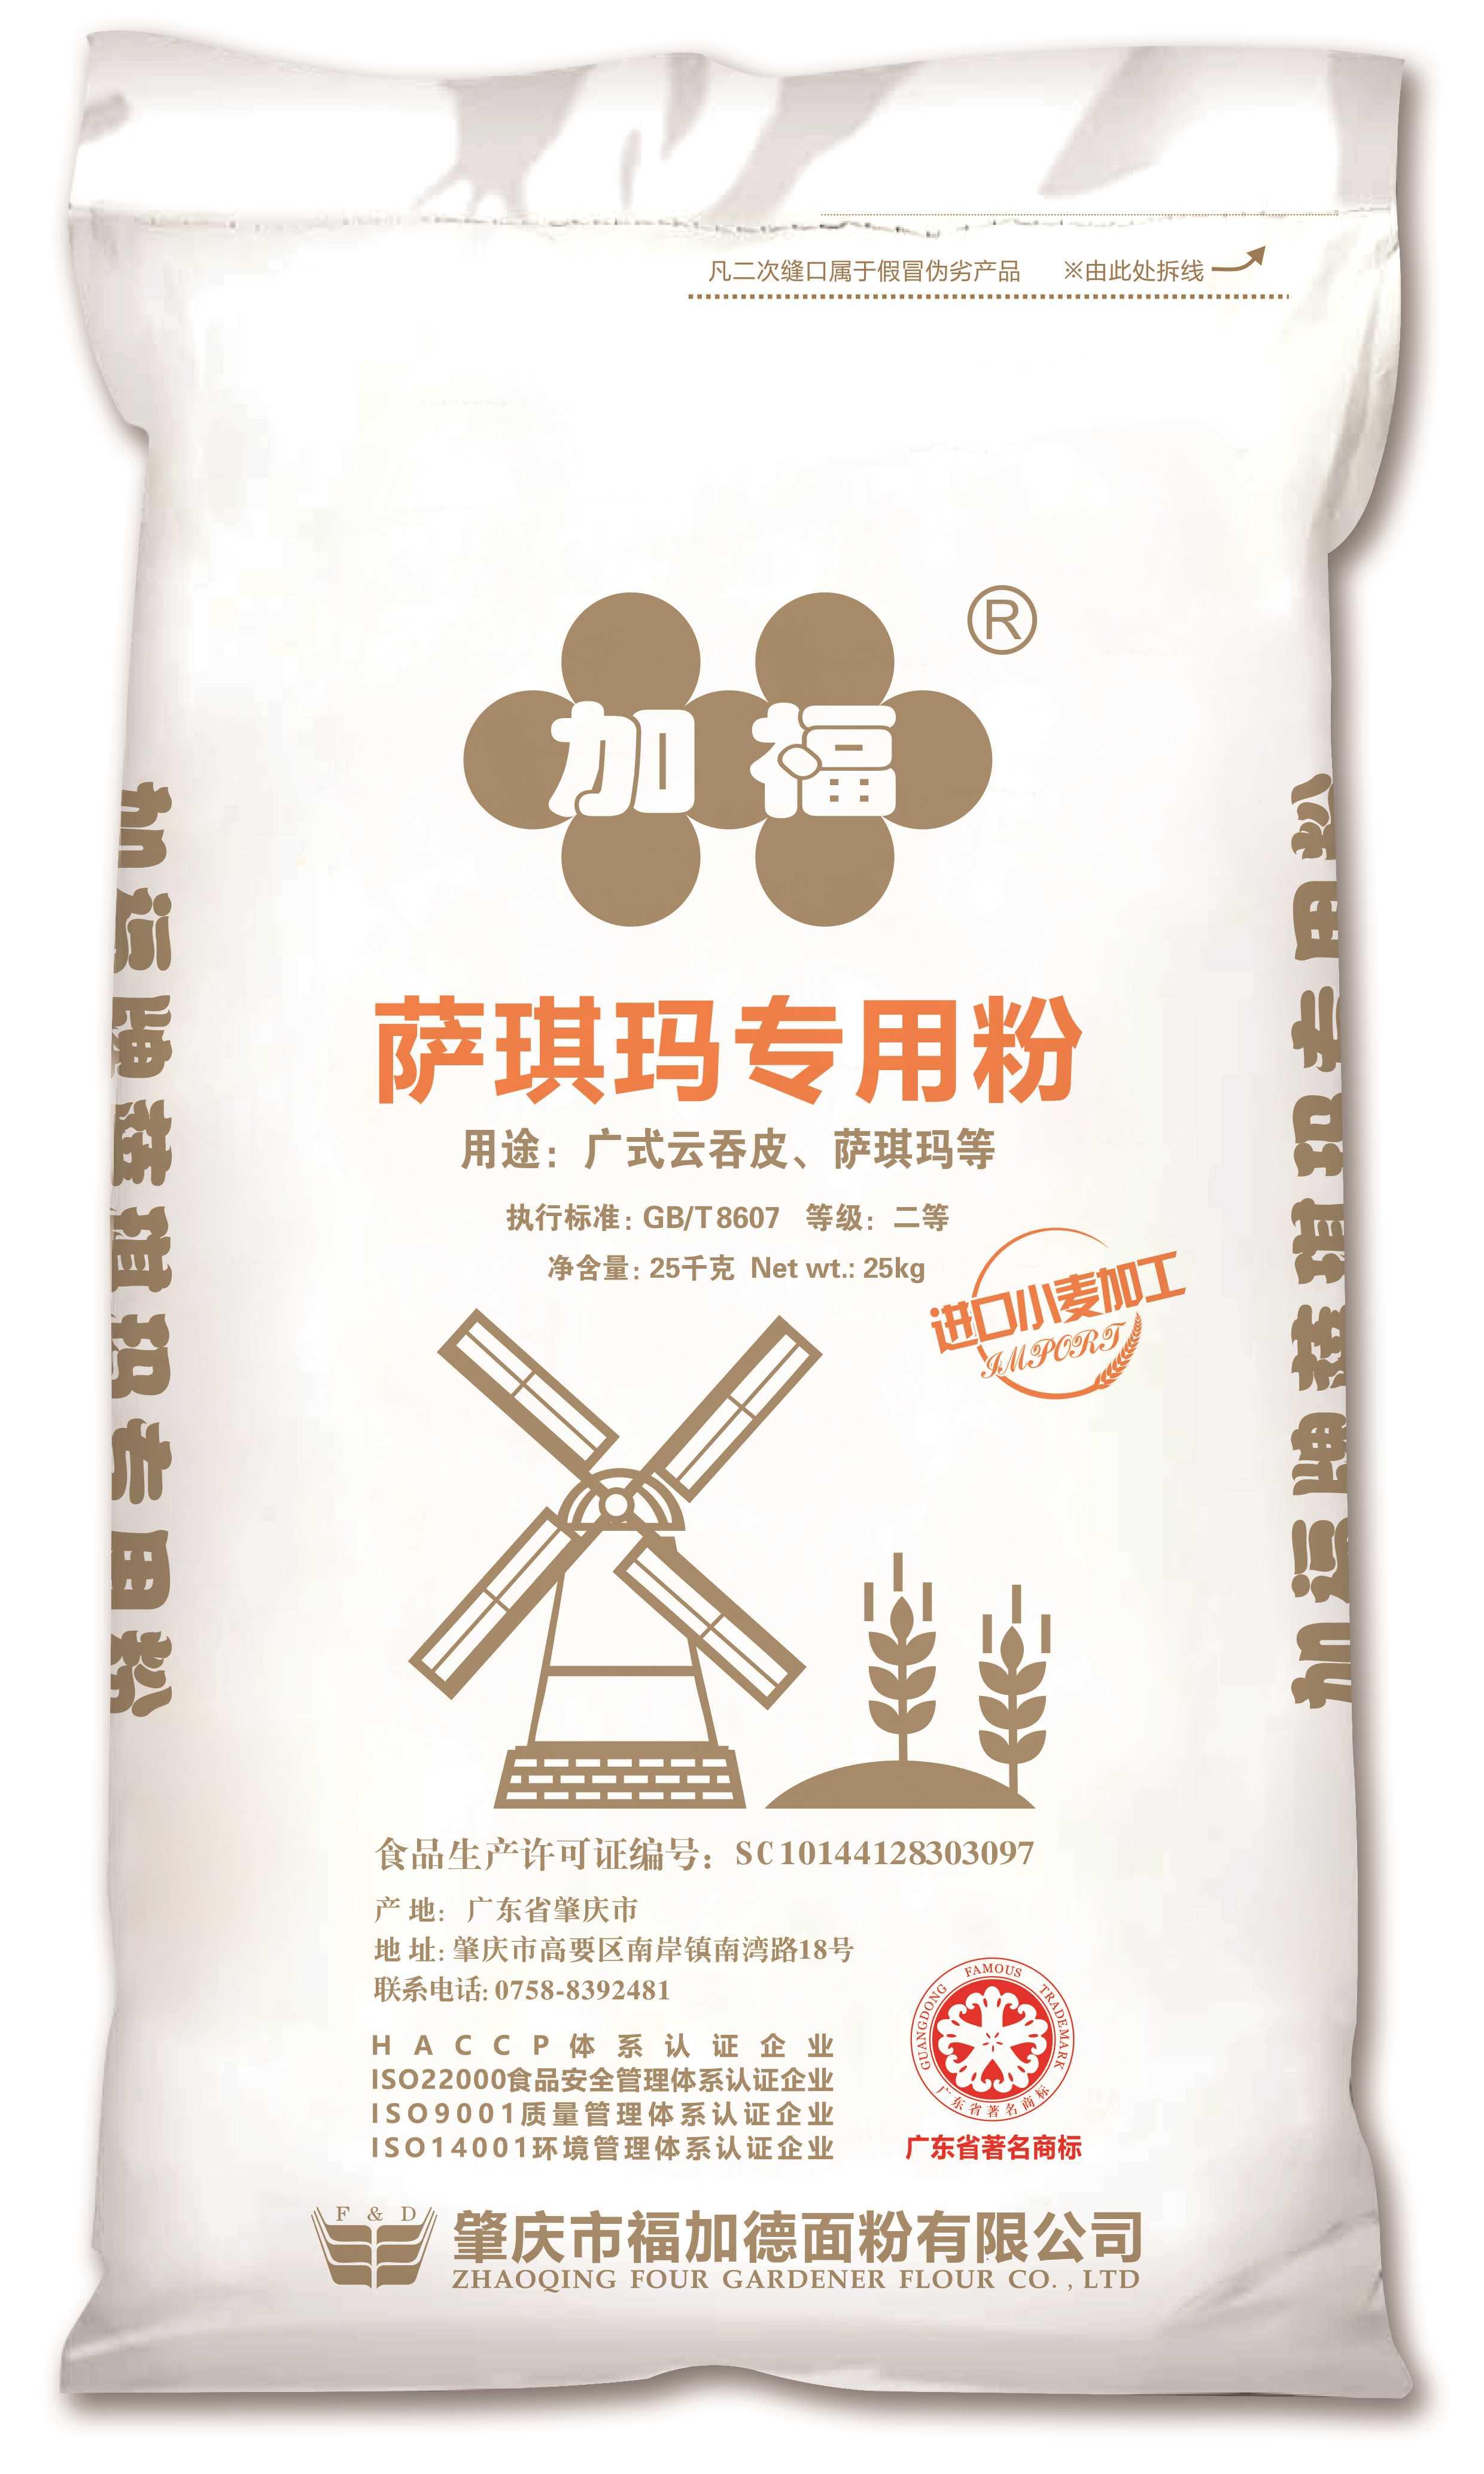 19-加福萨琪玛专_用粉编织袋25kg